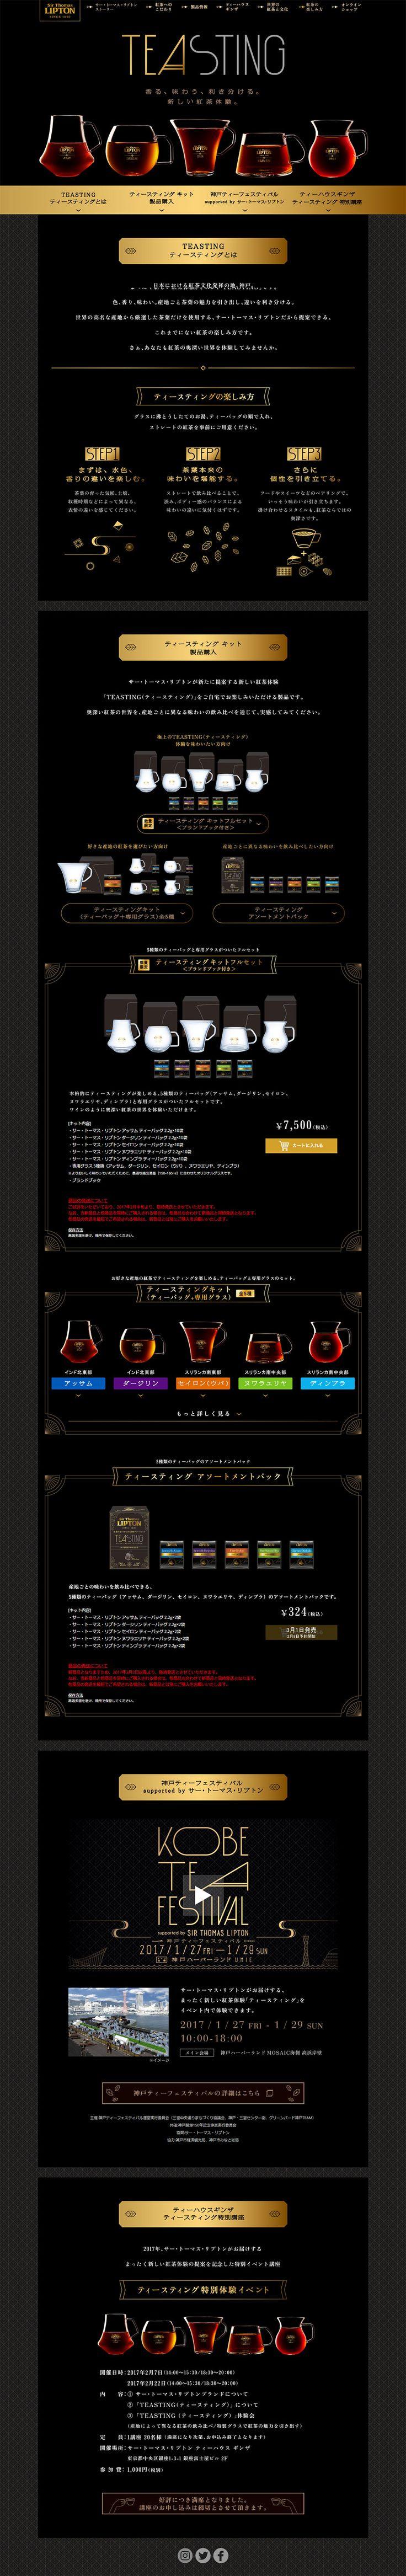 TEASTING【飲料・お酒関連】のLPデザイン。WEBデザイナーさん必見!ランディングページのデザイン参考に(アート・芸術系)